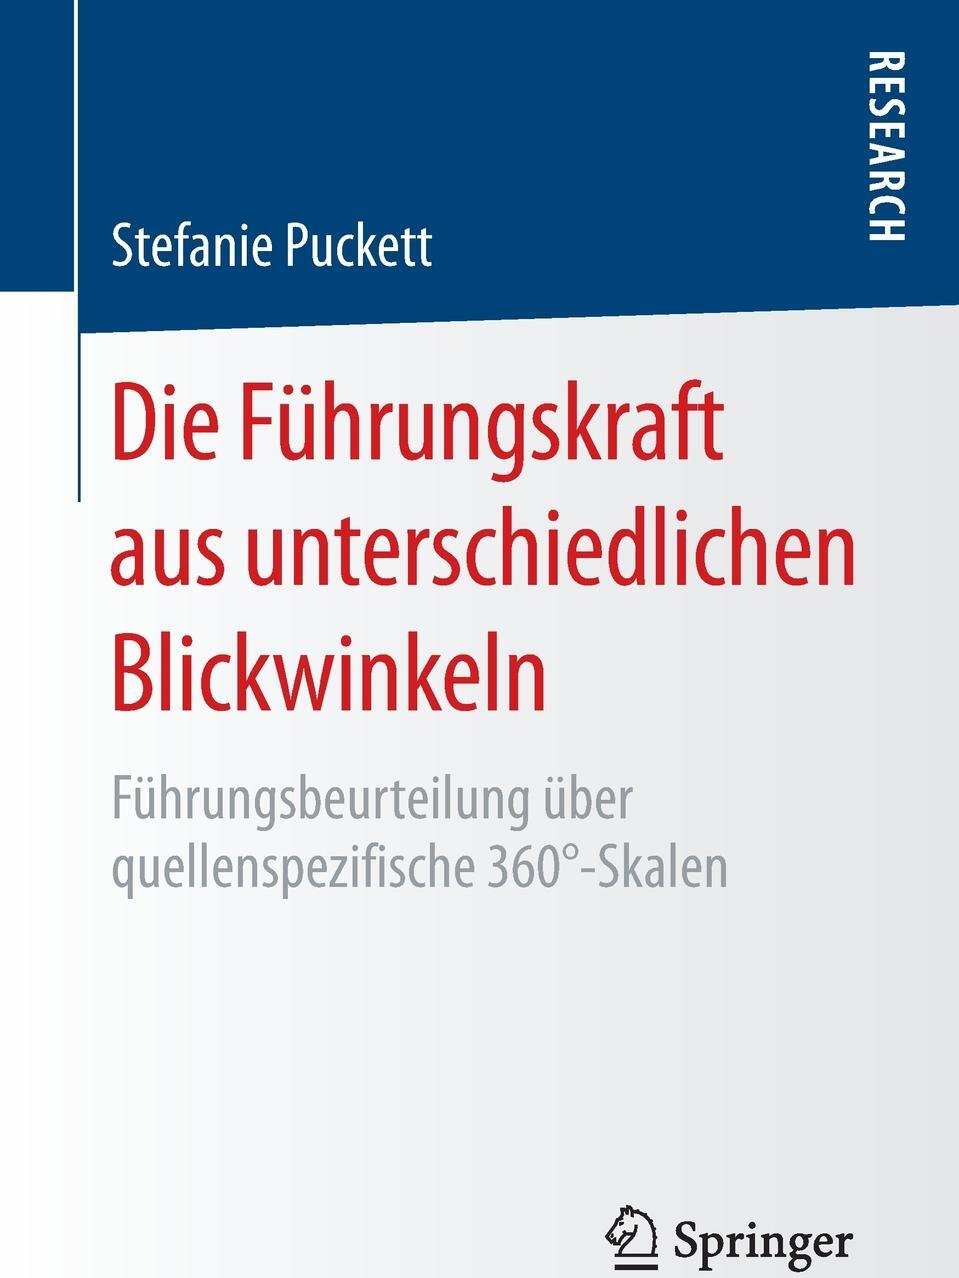 Stefanie Puckett. Die Fuhrungskraft aus unterschiedlichen Blickwinkeln. Fuhrungsbeurteilung uber quellenspezifische 360.-Skalen